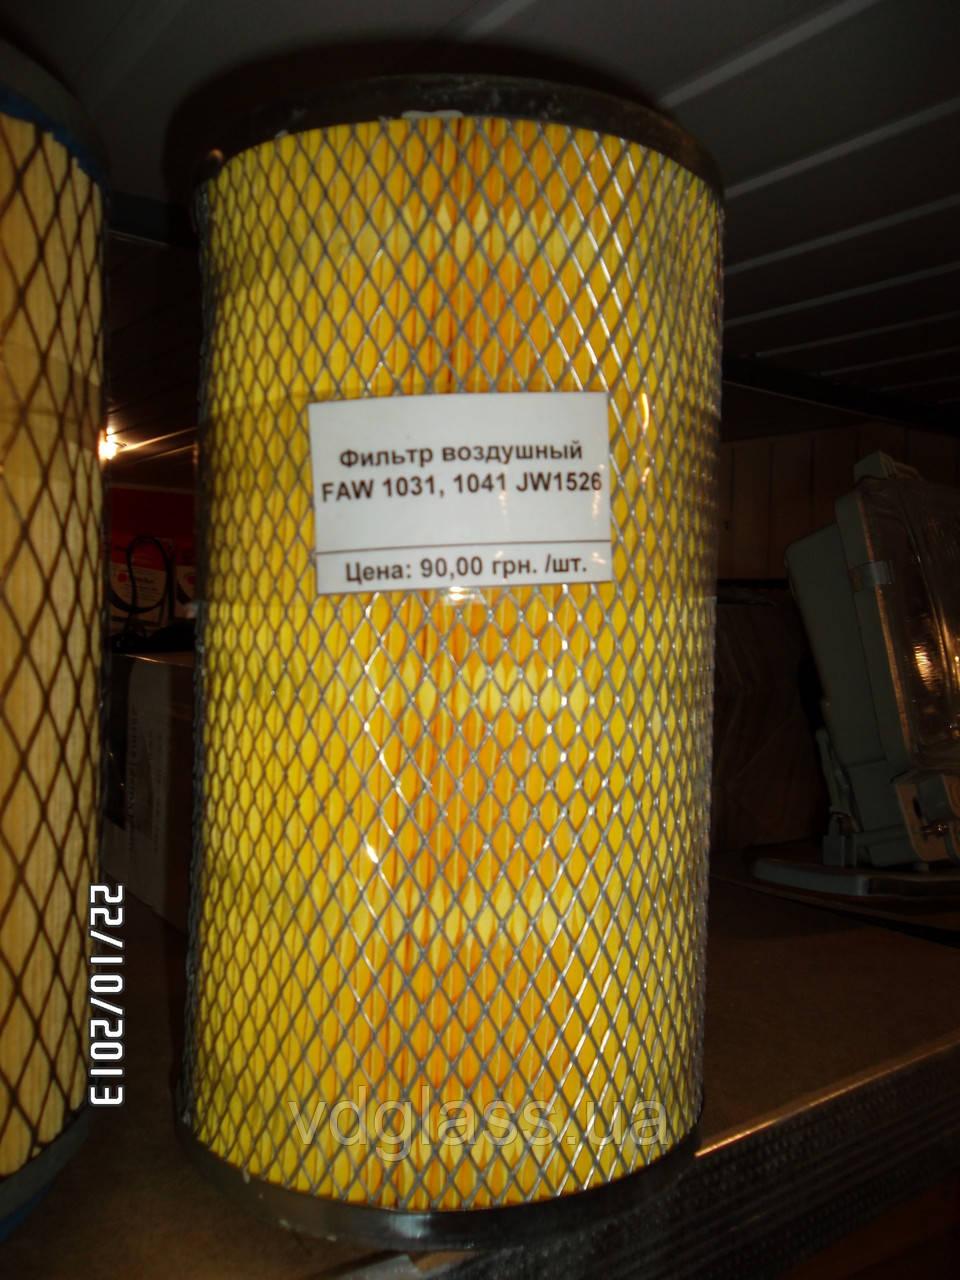 Фильтр воздушный со вставкой FAW 1031, 1041 JW1526